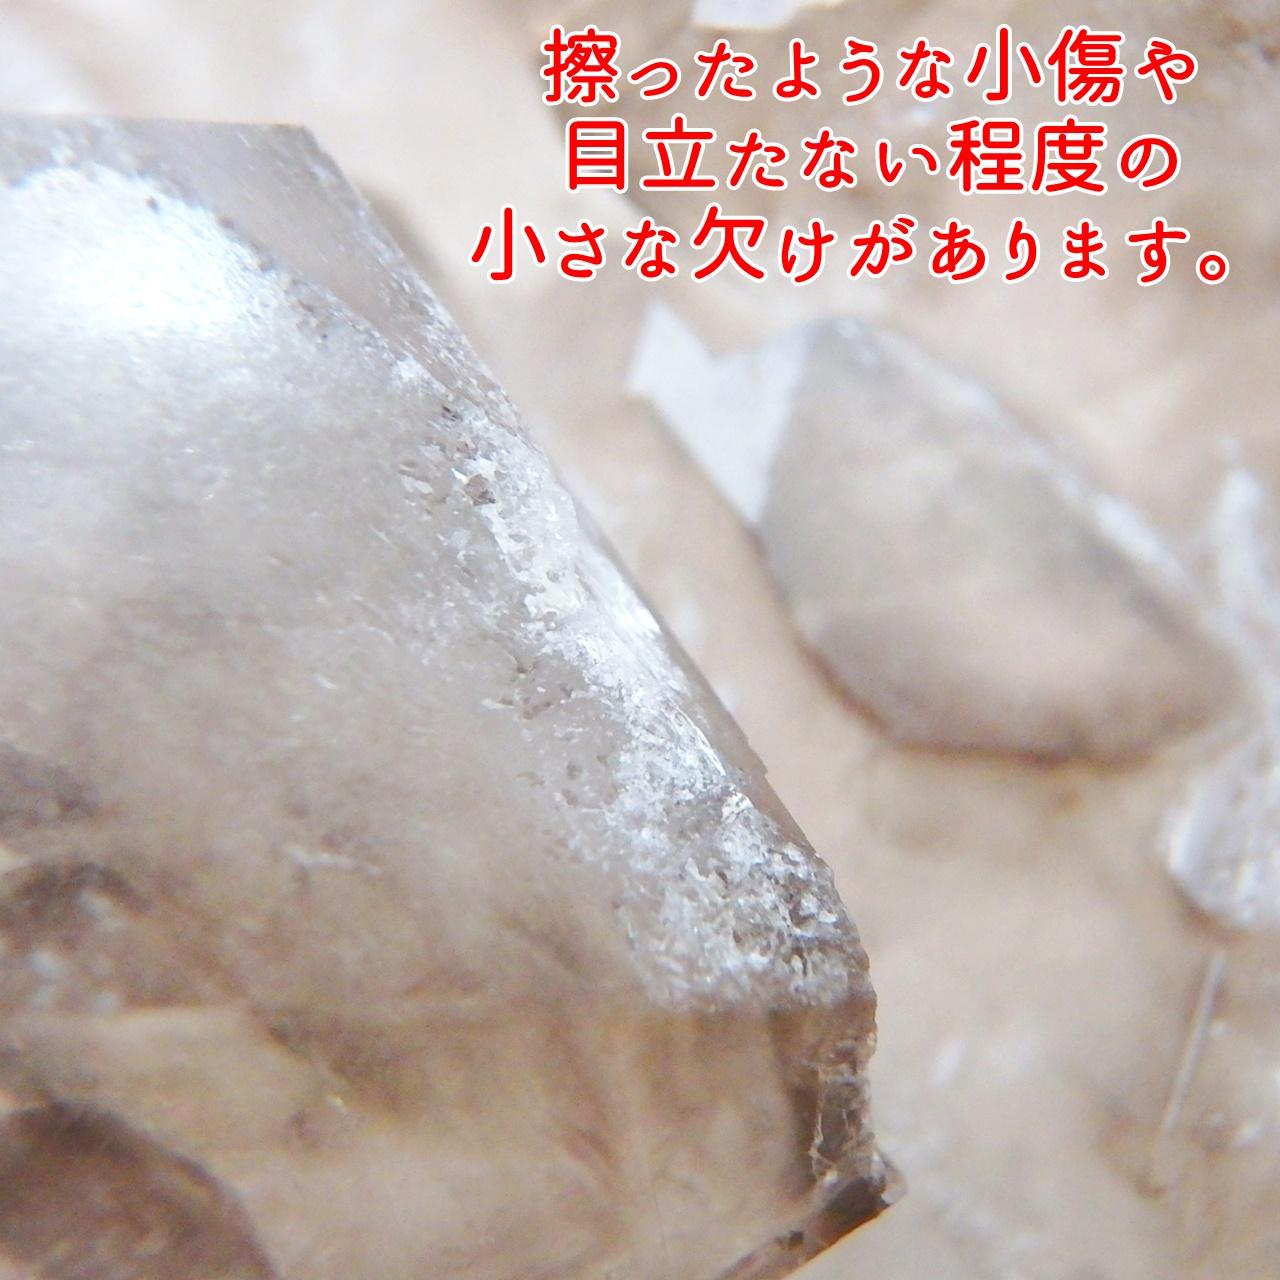 kz-smel01